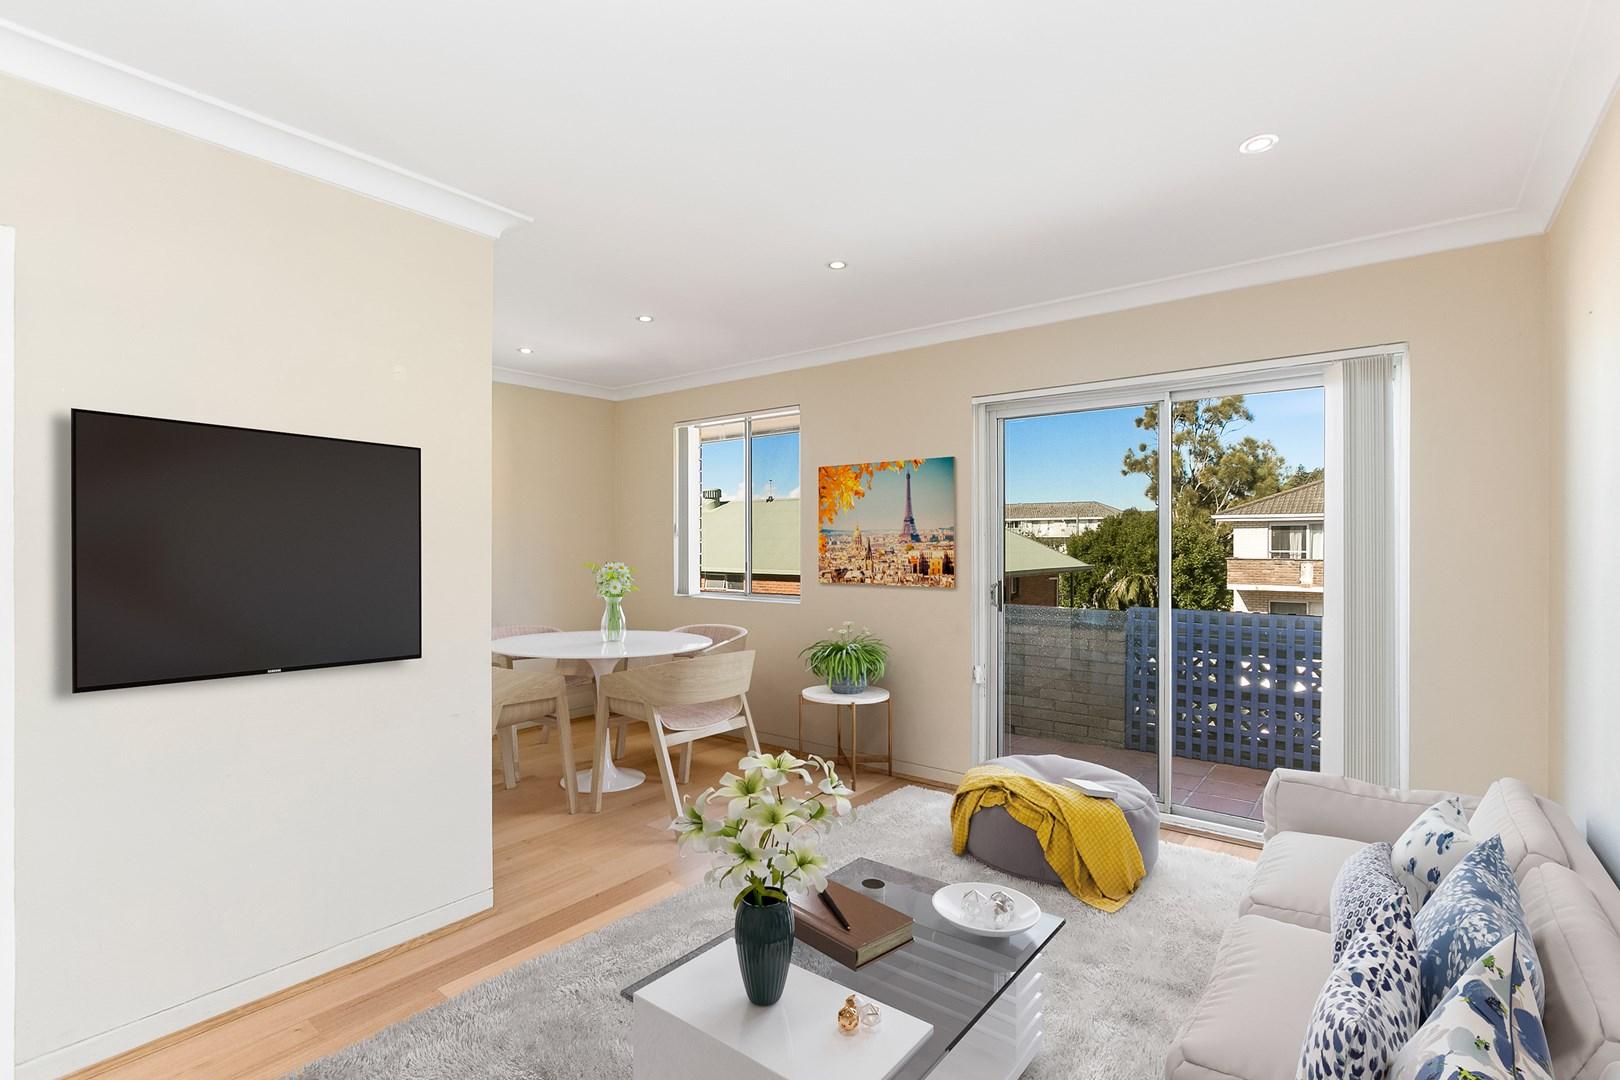 10/12 Mactier Street, Narrabeen NSW 2101, Image 0